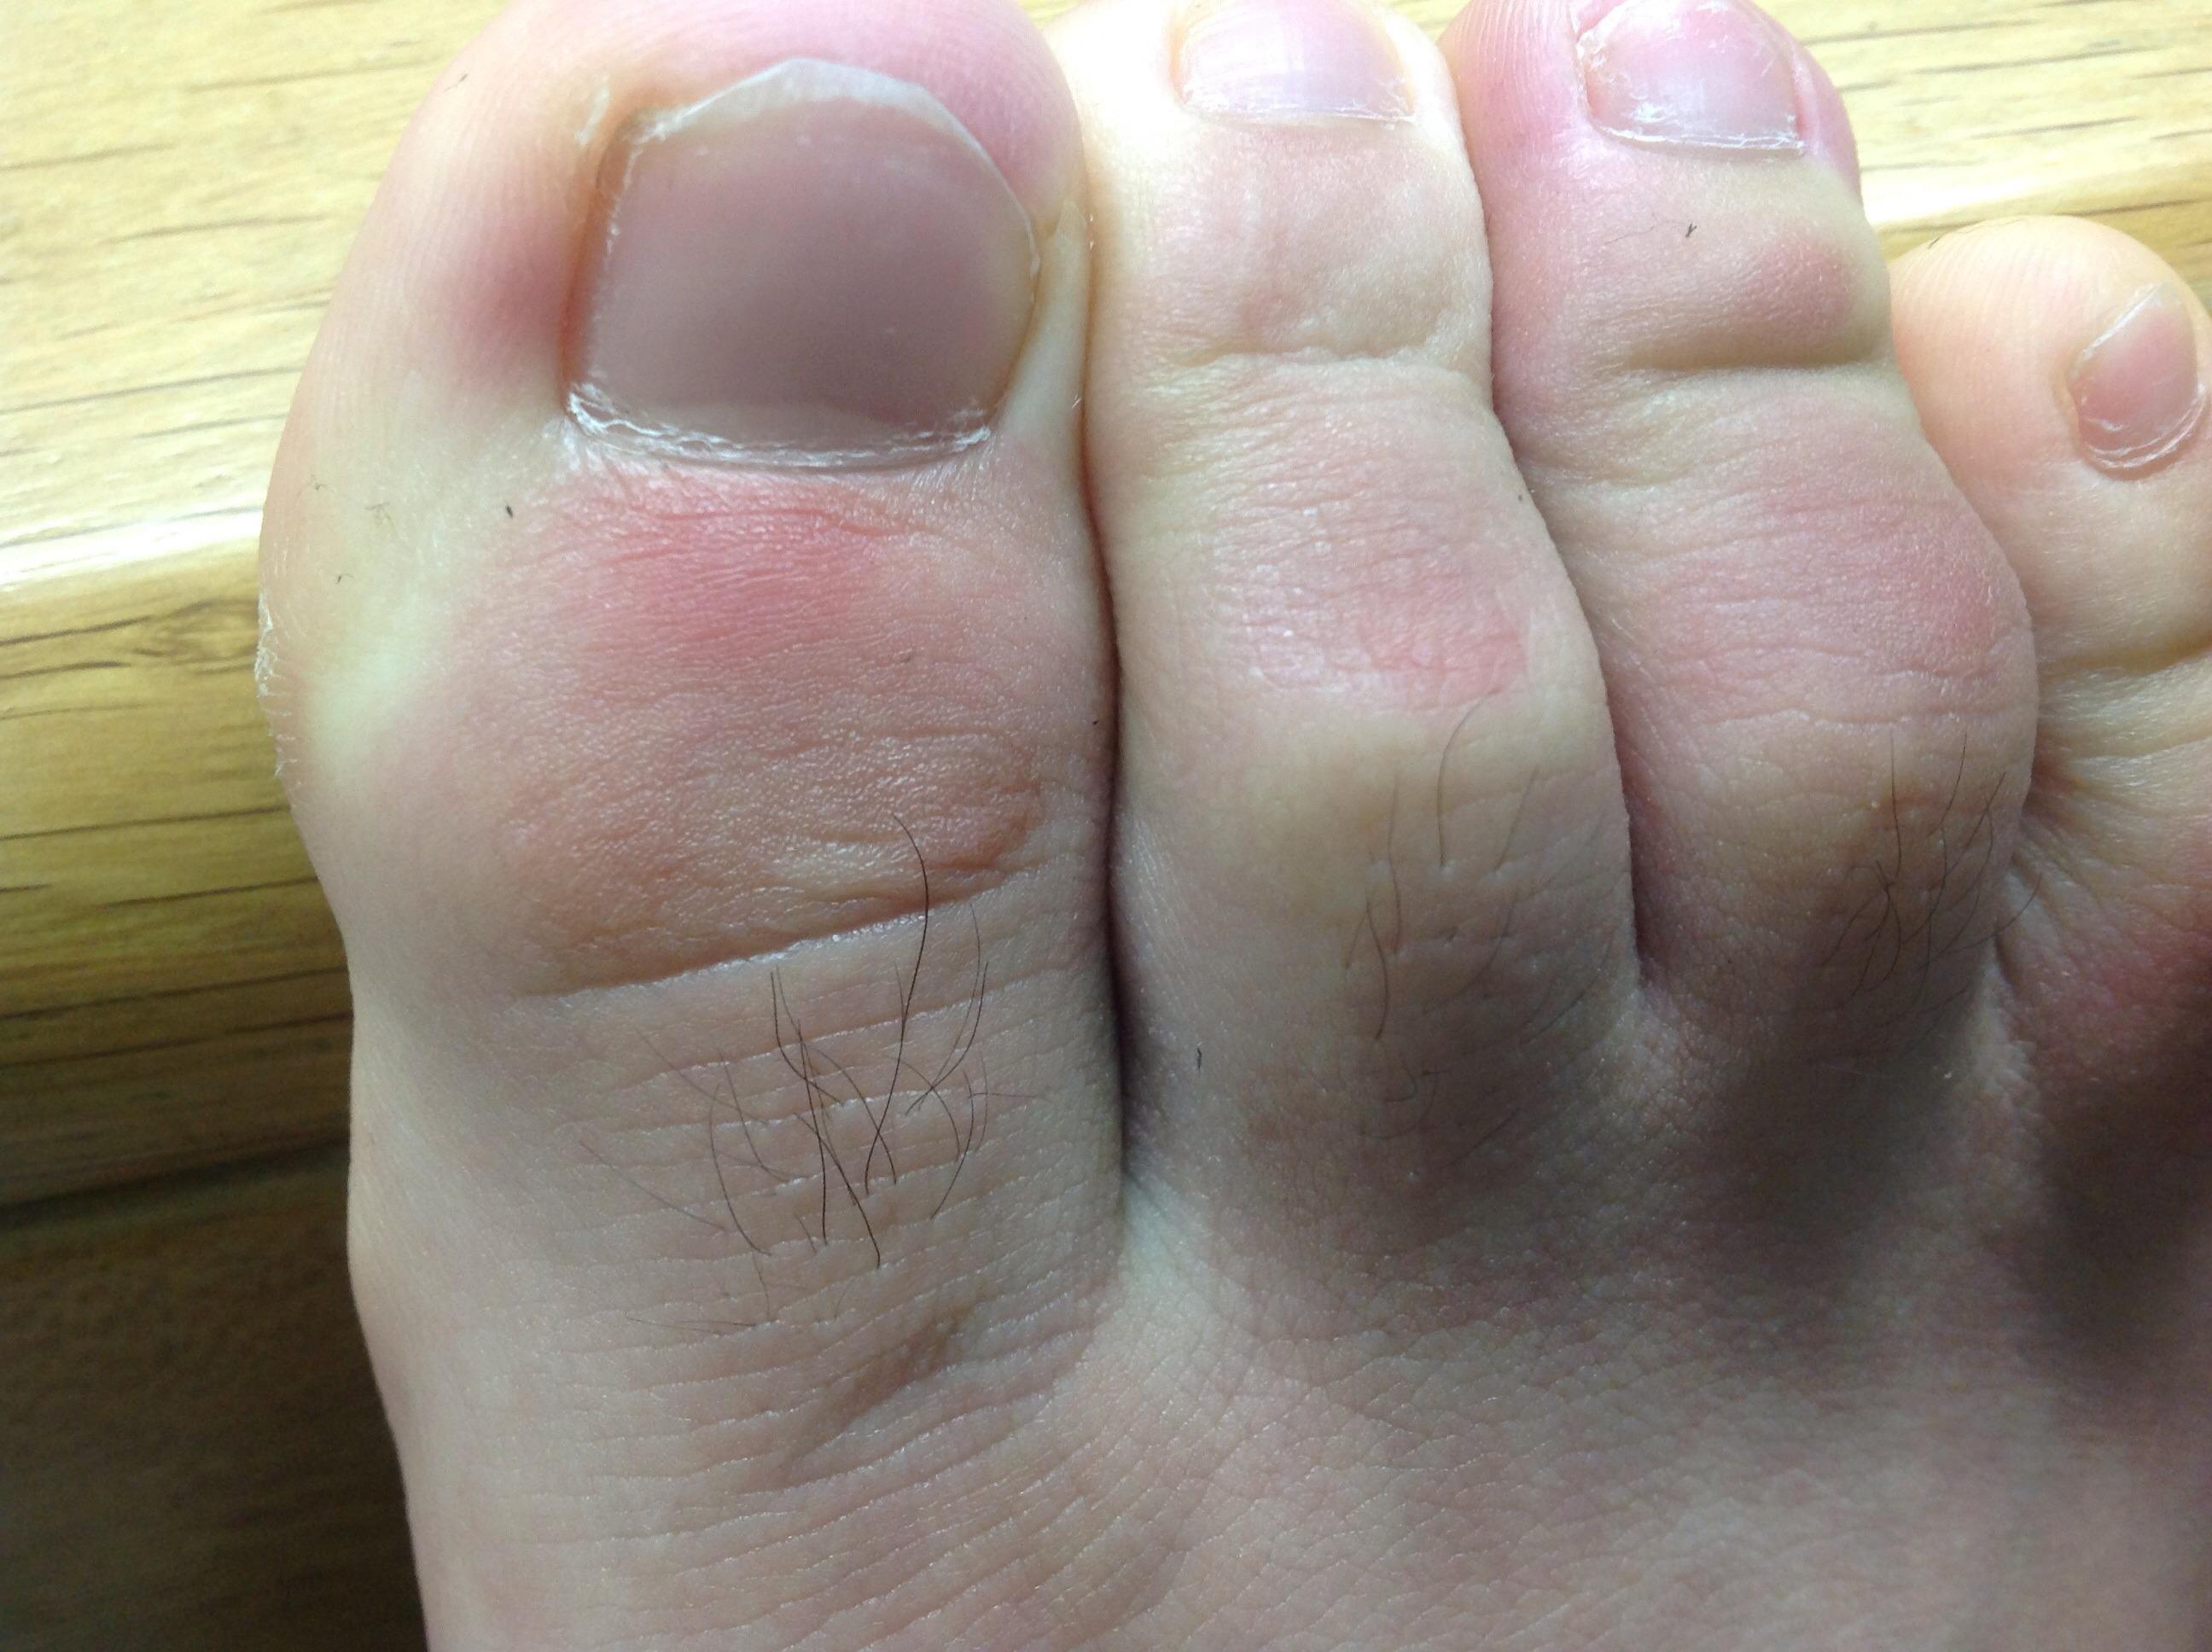 親指 足 痛い の 足の親指の付け根が痛い原因や足の疾患と対策方法について